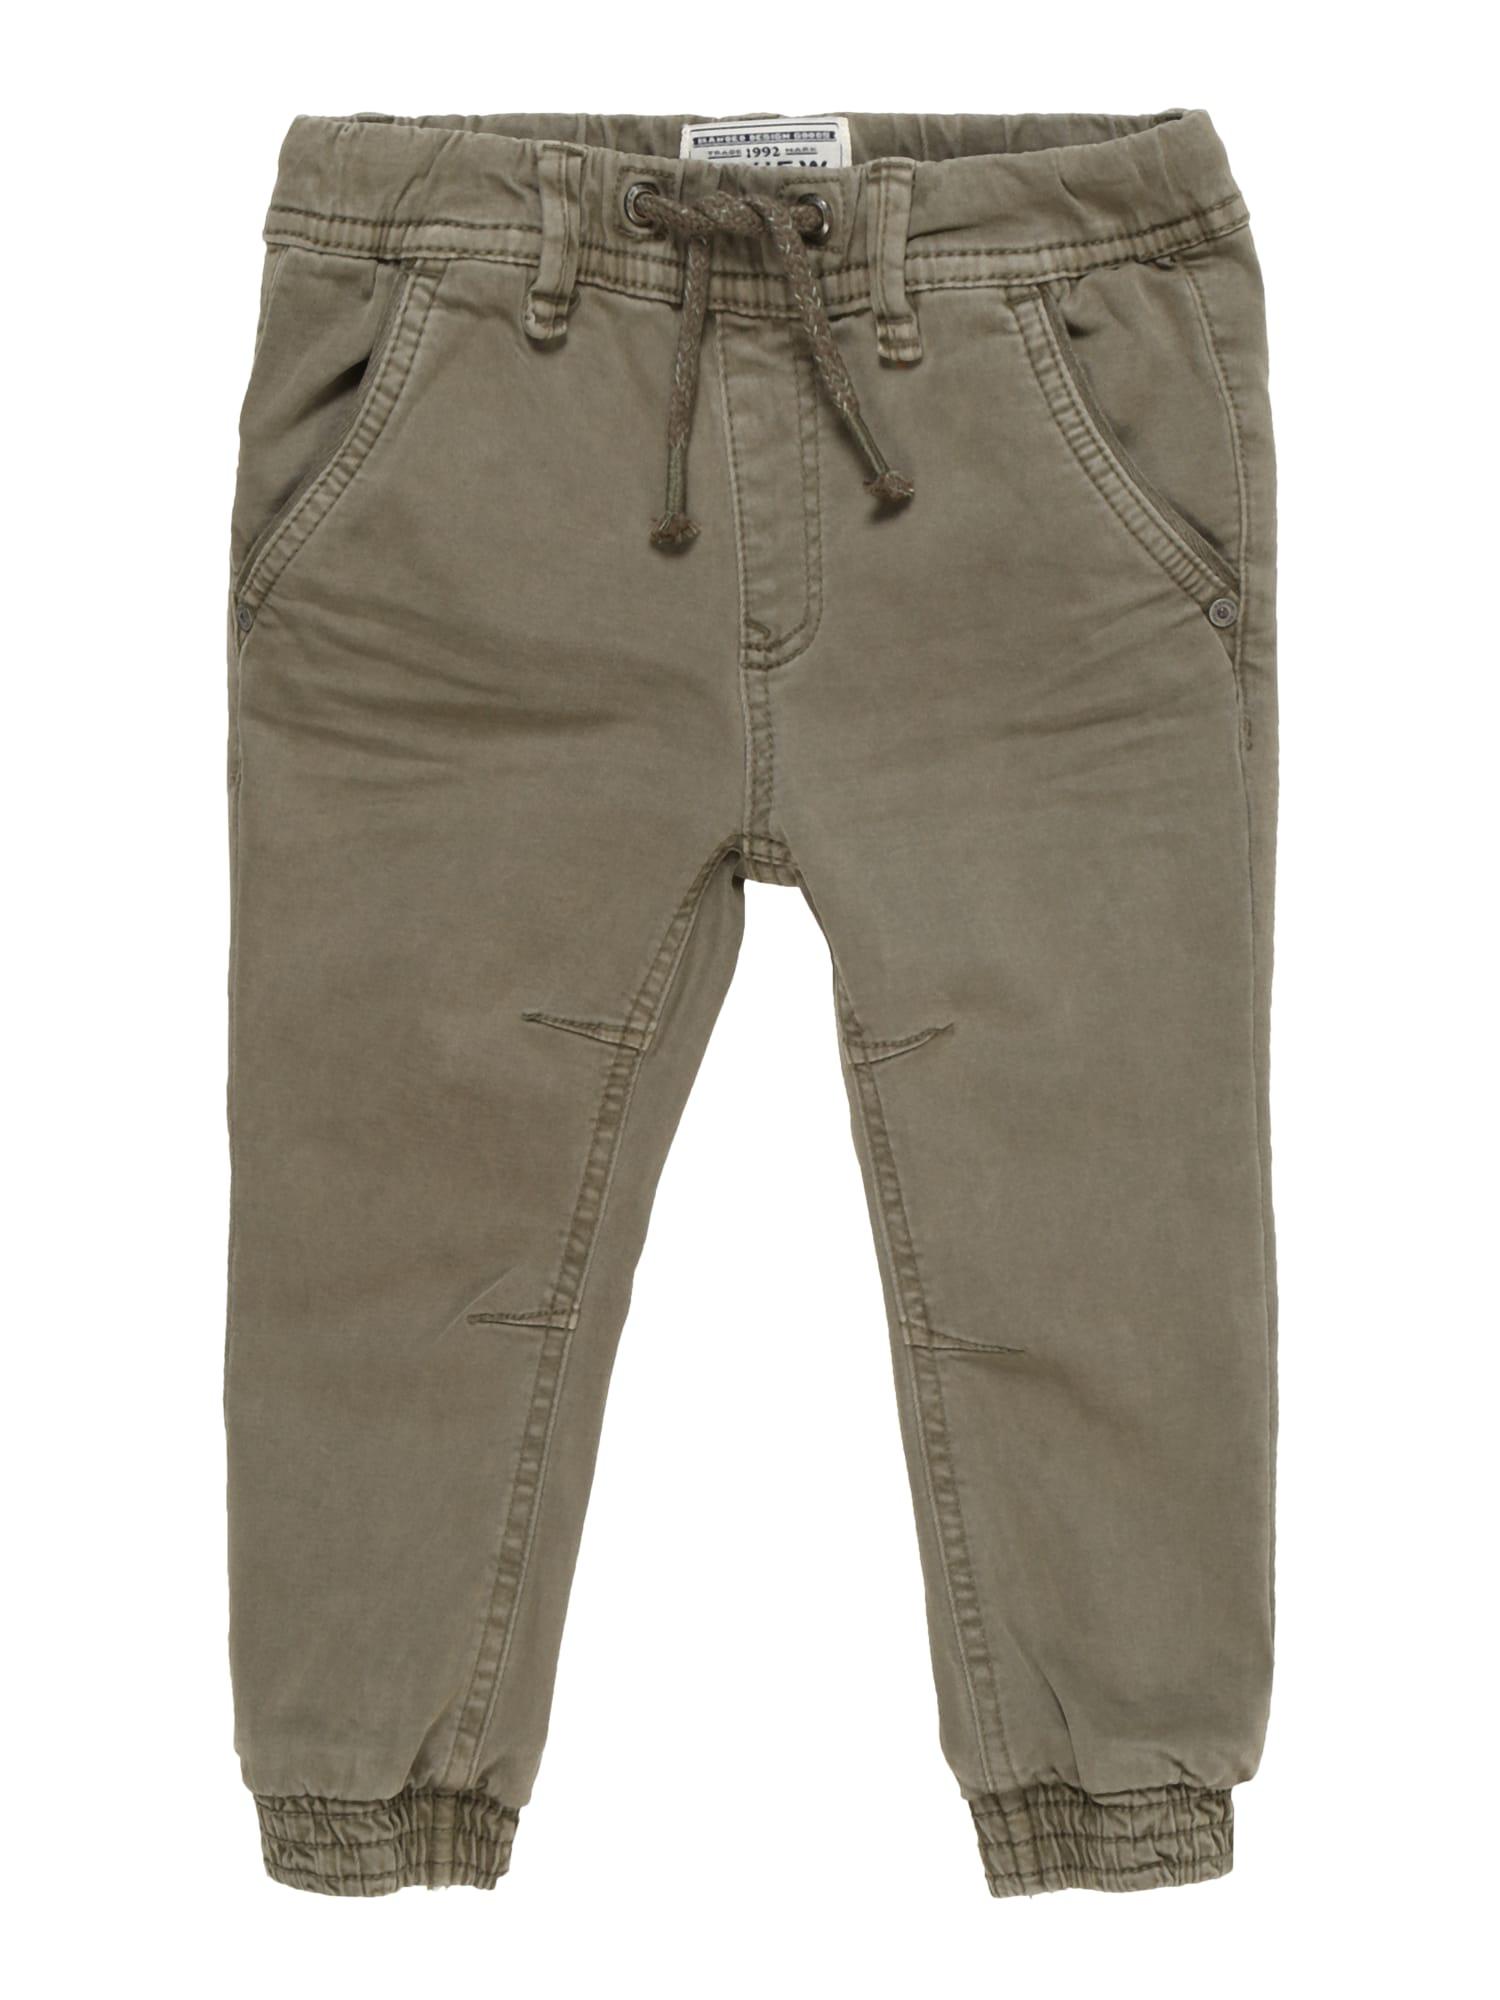 Kalhoty KB-19-P601 olivová REVIEW FOR KIDS